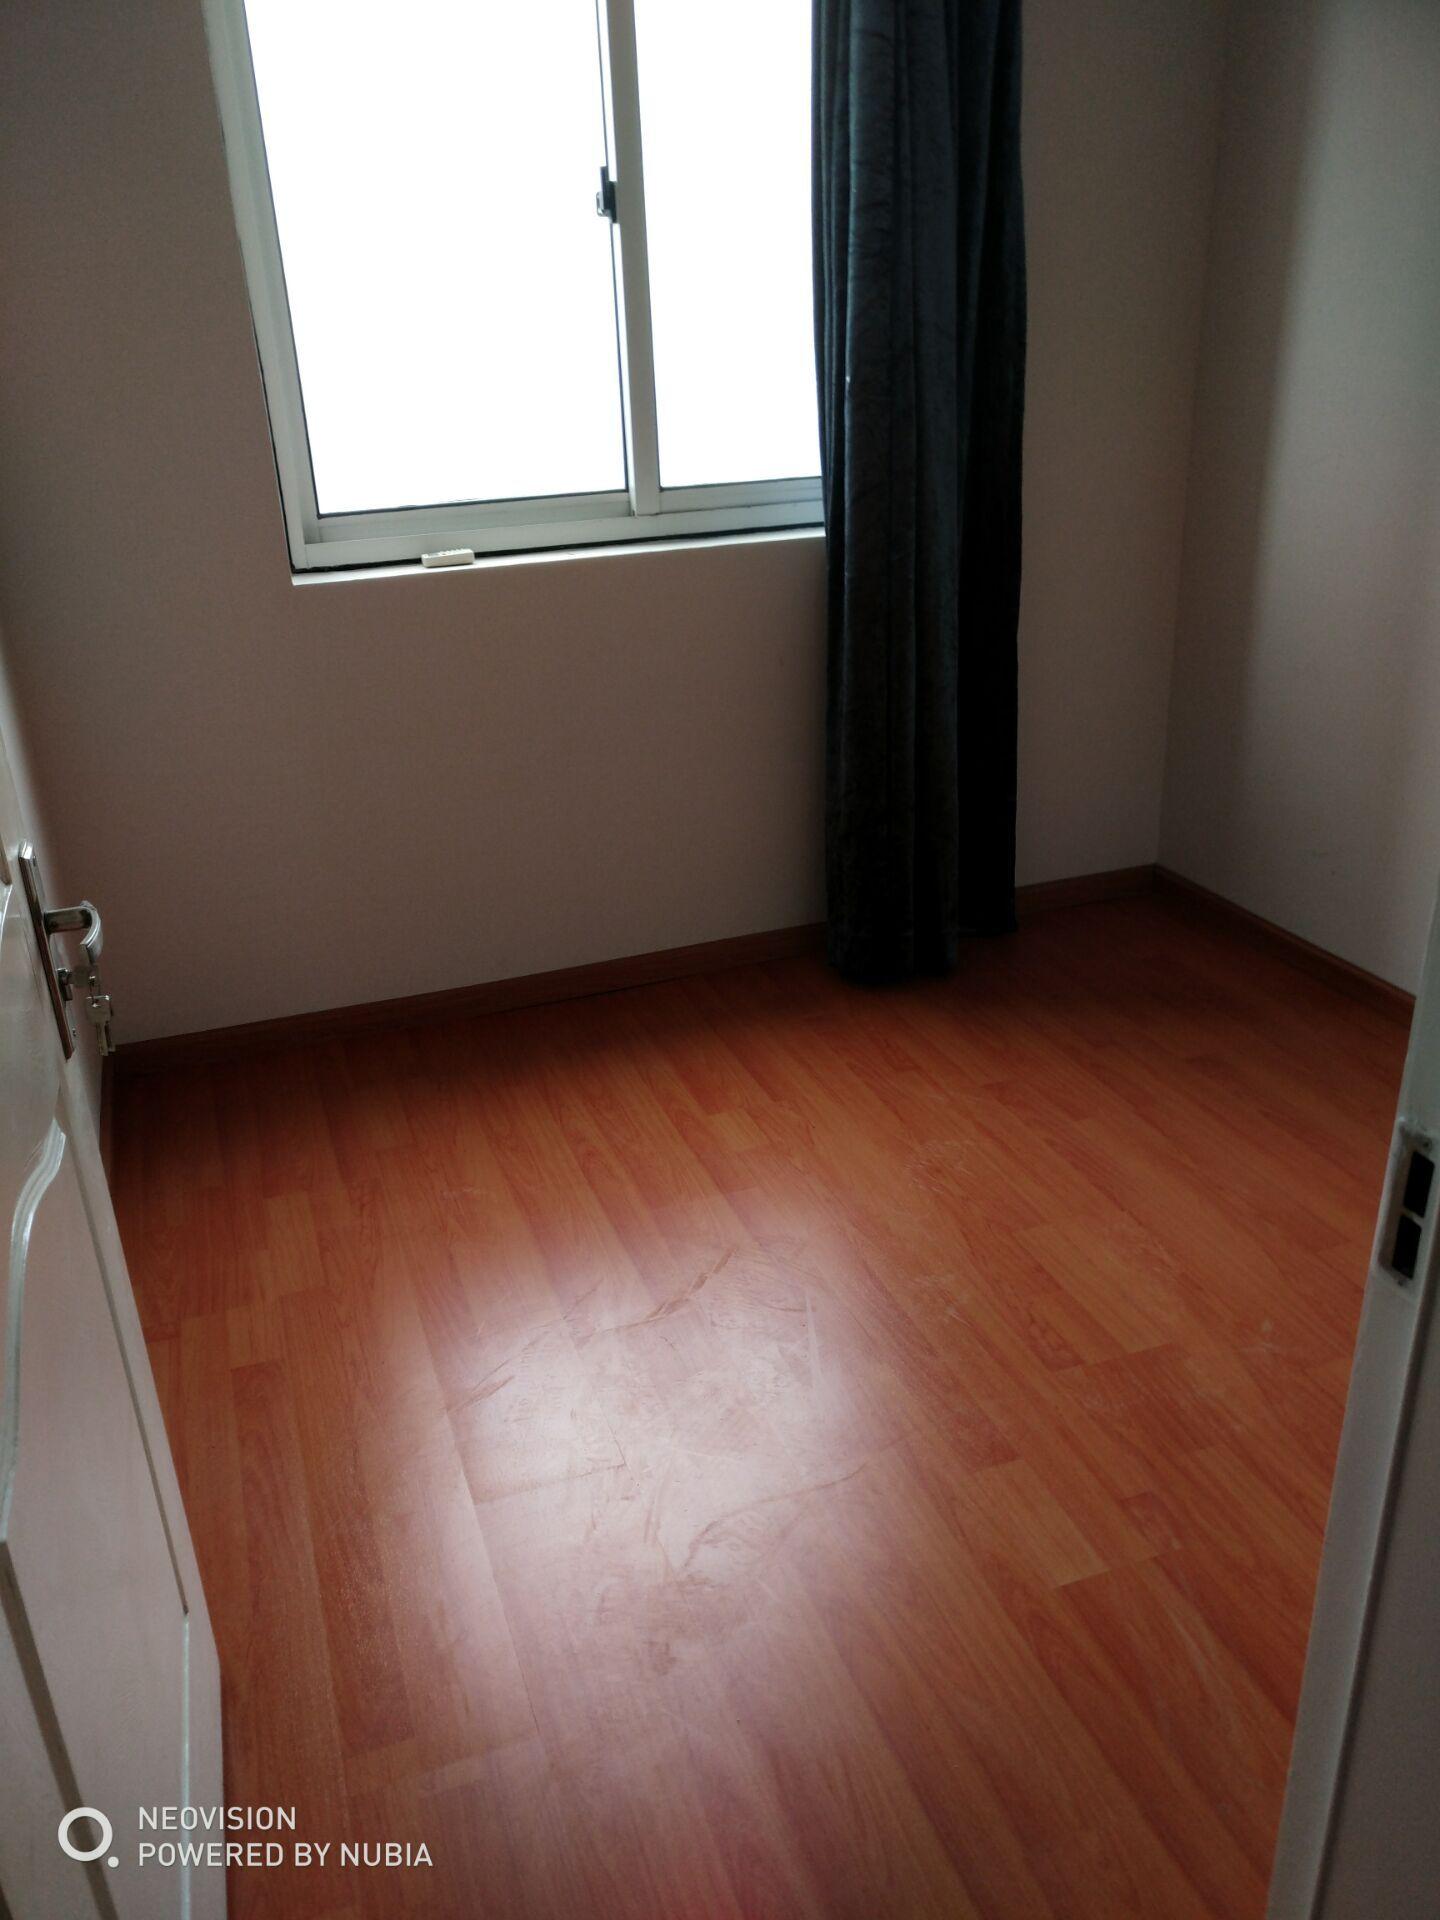 浦阳浦江苑简单装修的房子出售,无增值税,房东急卖